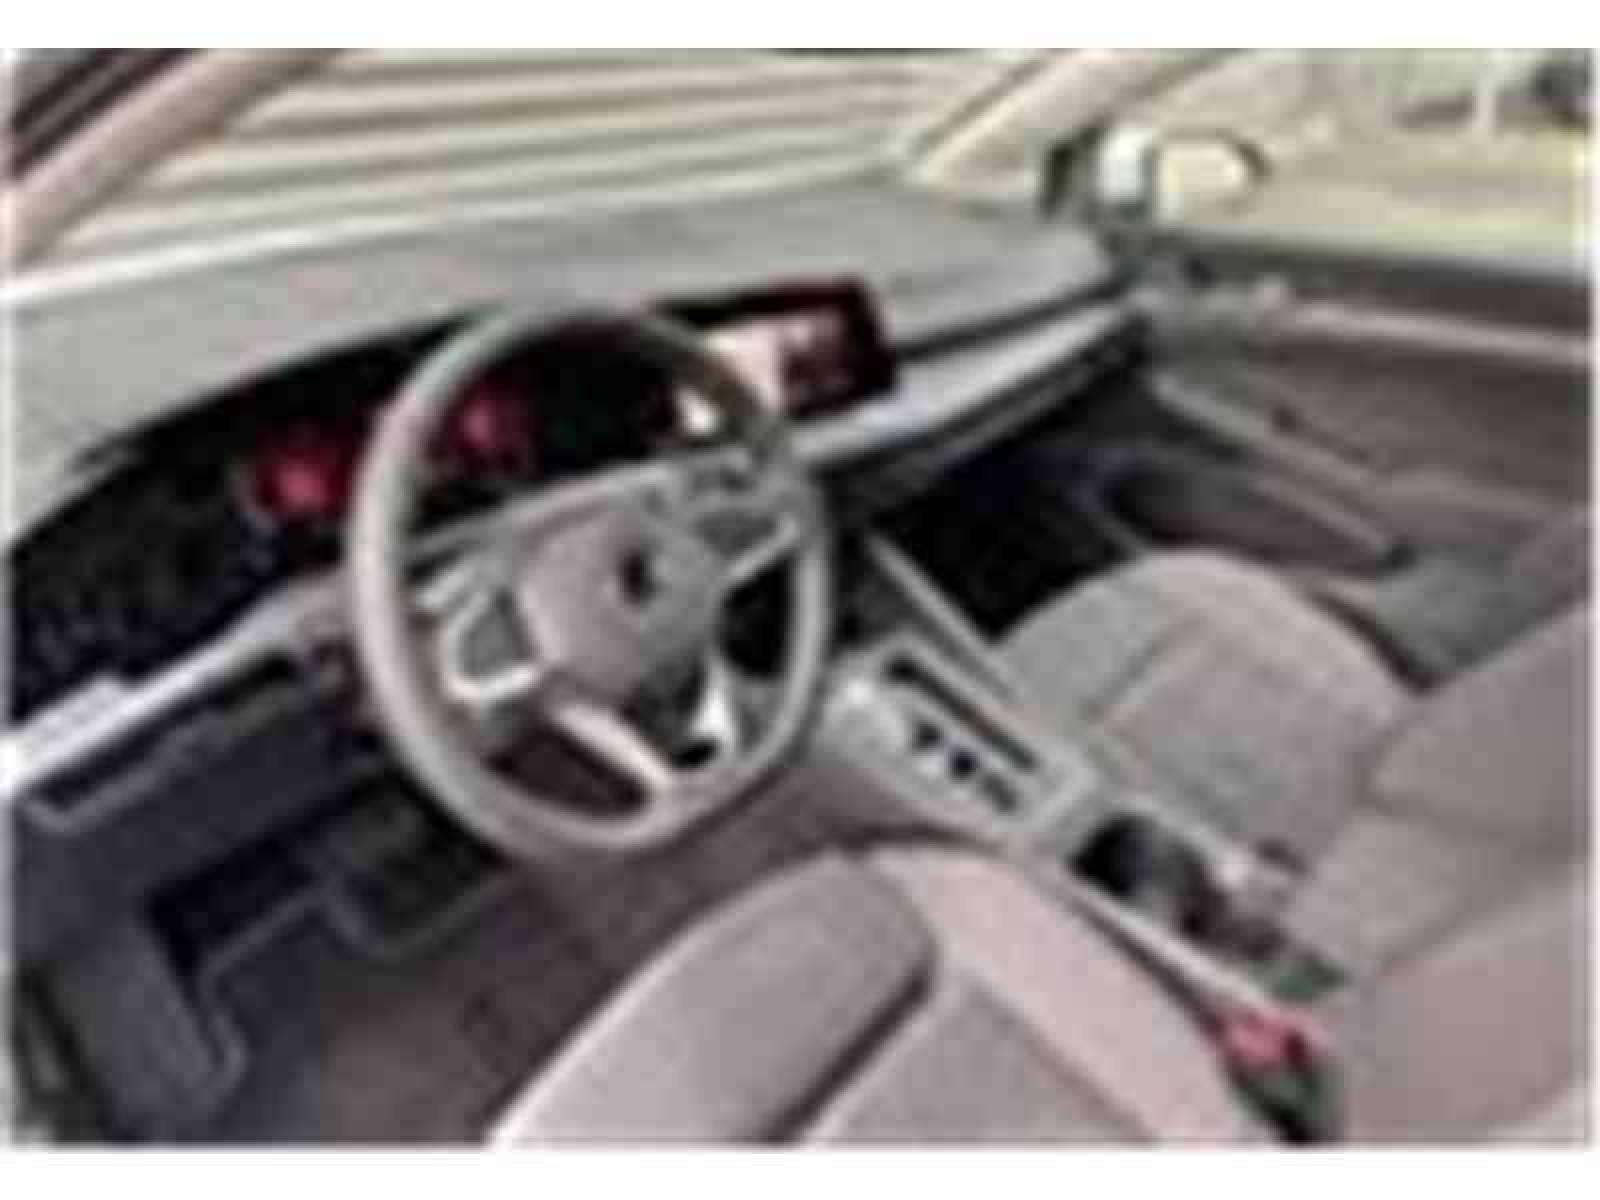 VOLKSWAGEN Golf 1.5 eTSI OPF 150 DSG7 - véhicule d'occasion - LEMAUVIEL AUTOMOBILES - Présentation site web V2 - Lemauviel automobiles - FLERS - 61100 - FLERS - 7